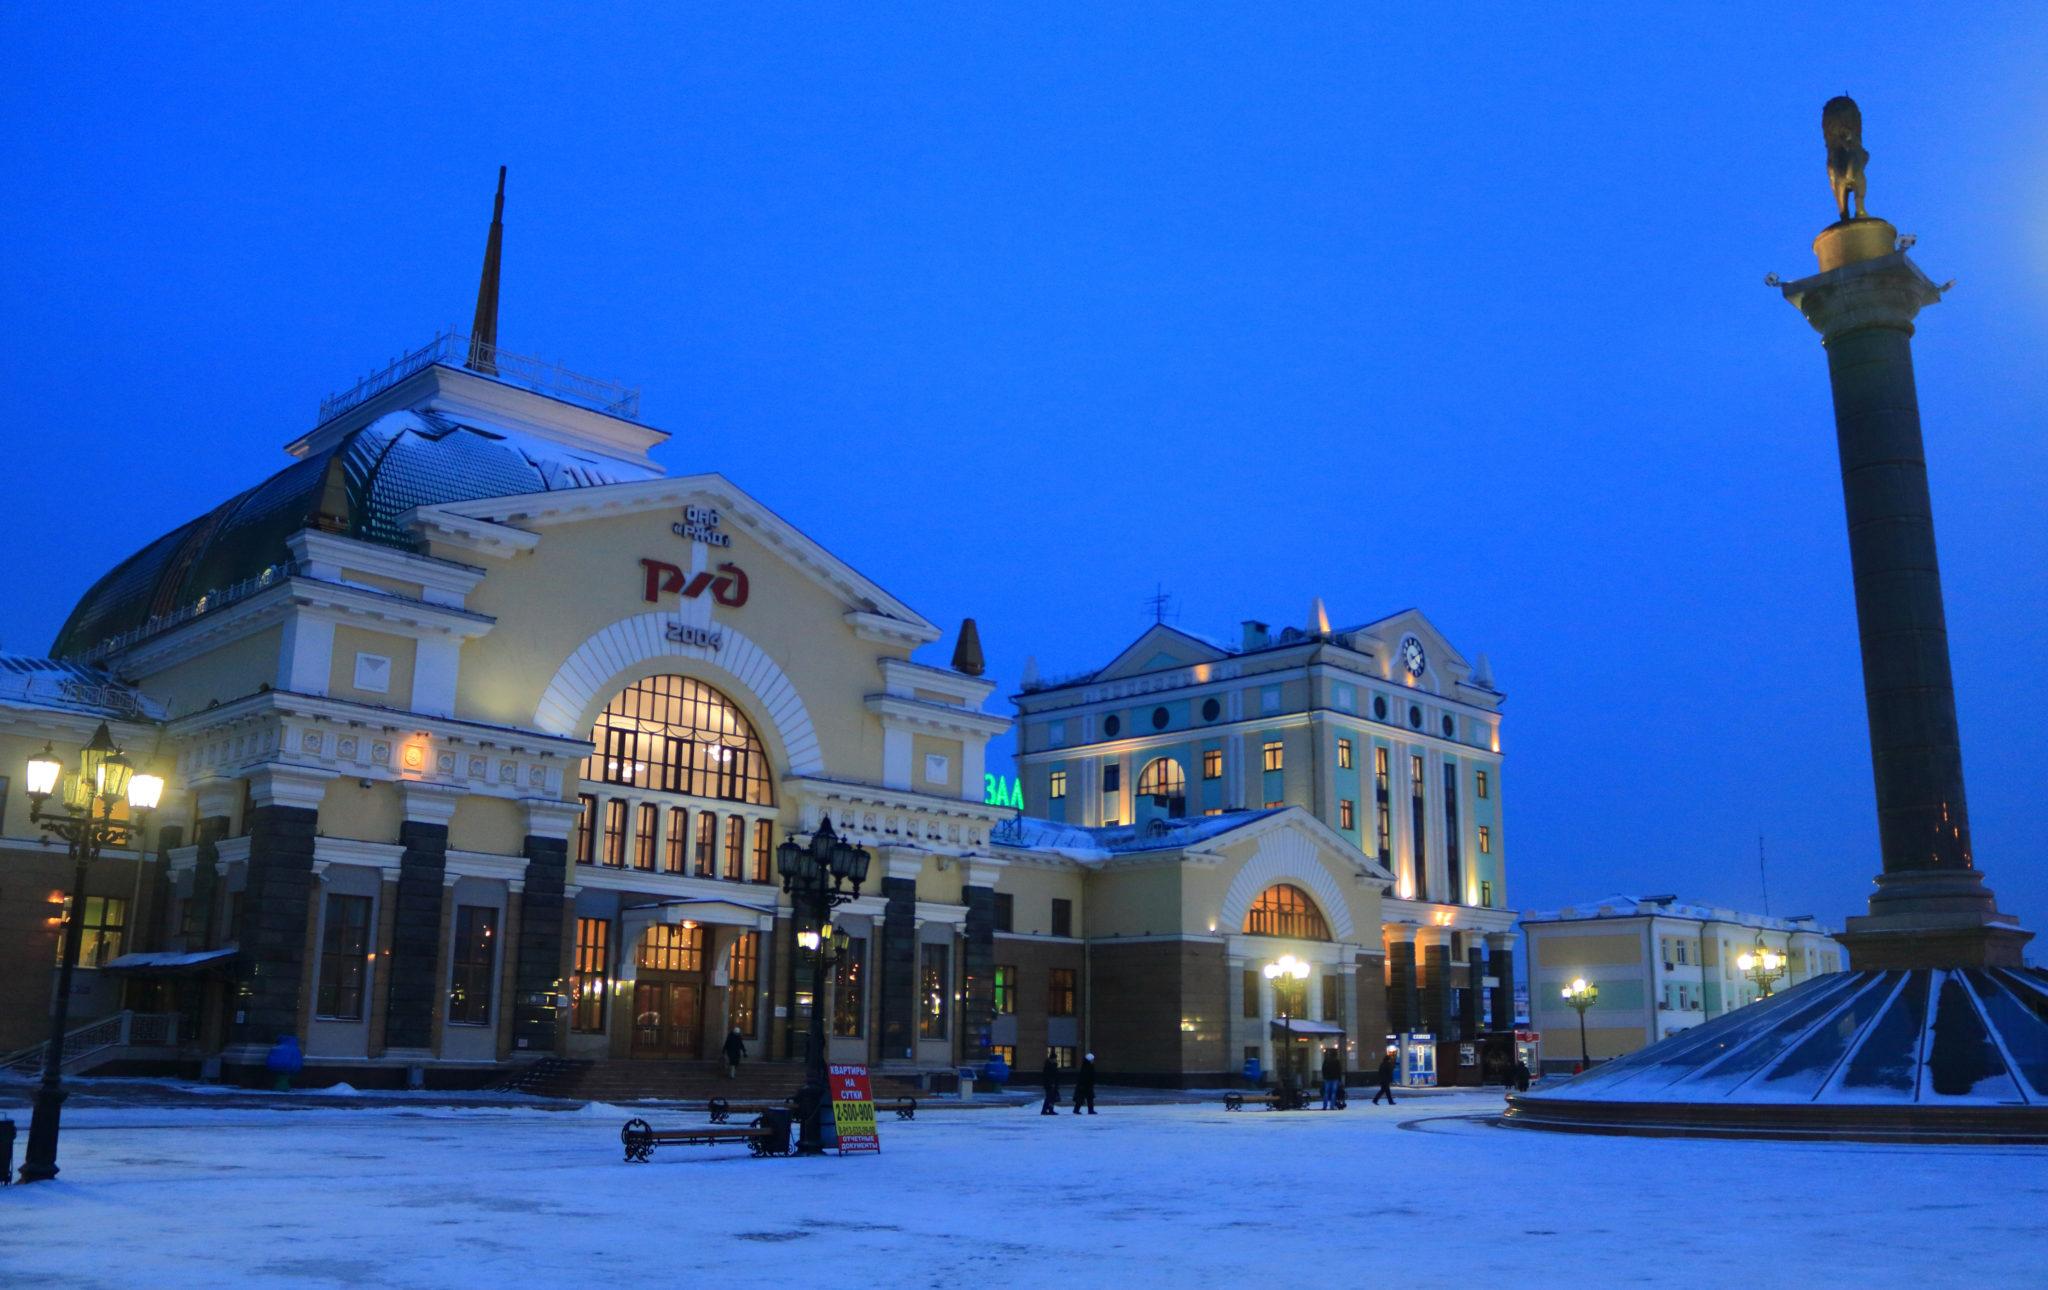 Krasnojarsk stacja kolei transsyberyjskiej